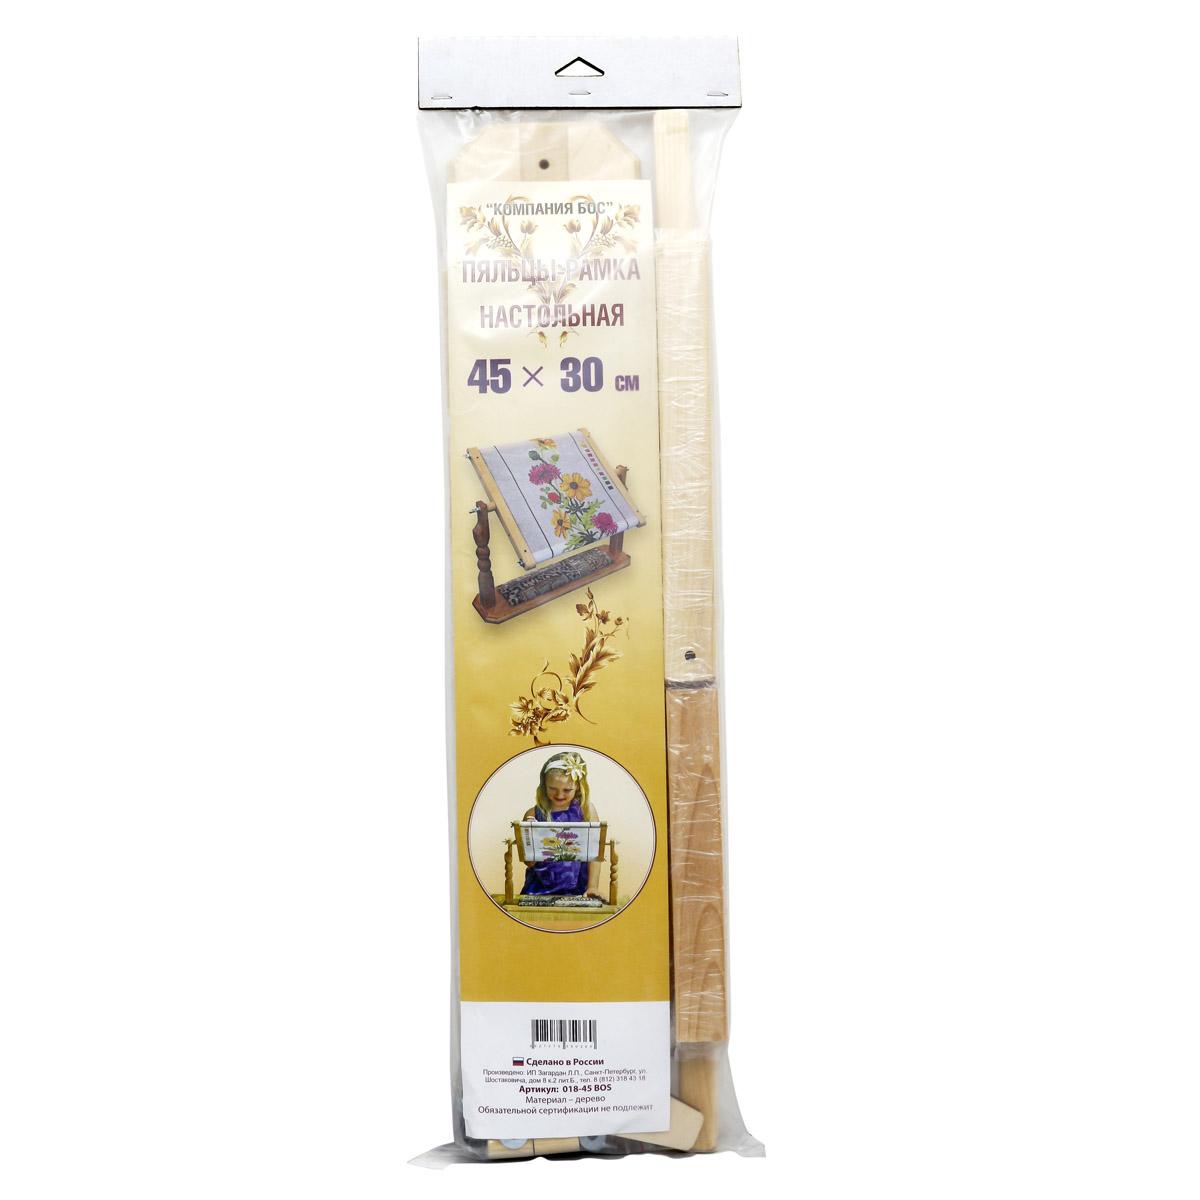 018-45 BOS Пяльцы-рамка настольная 45*30см